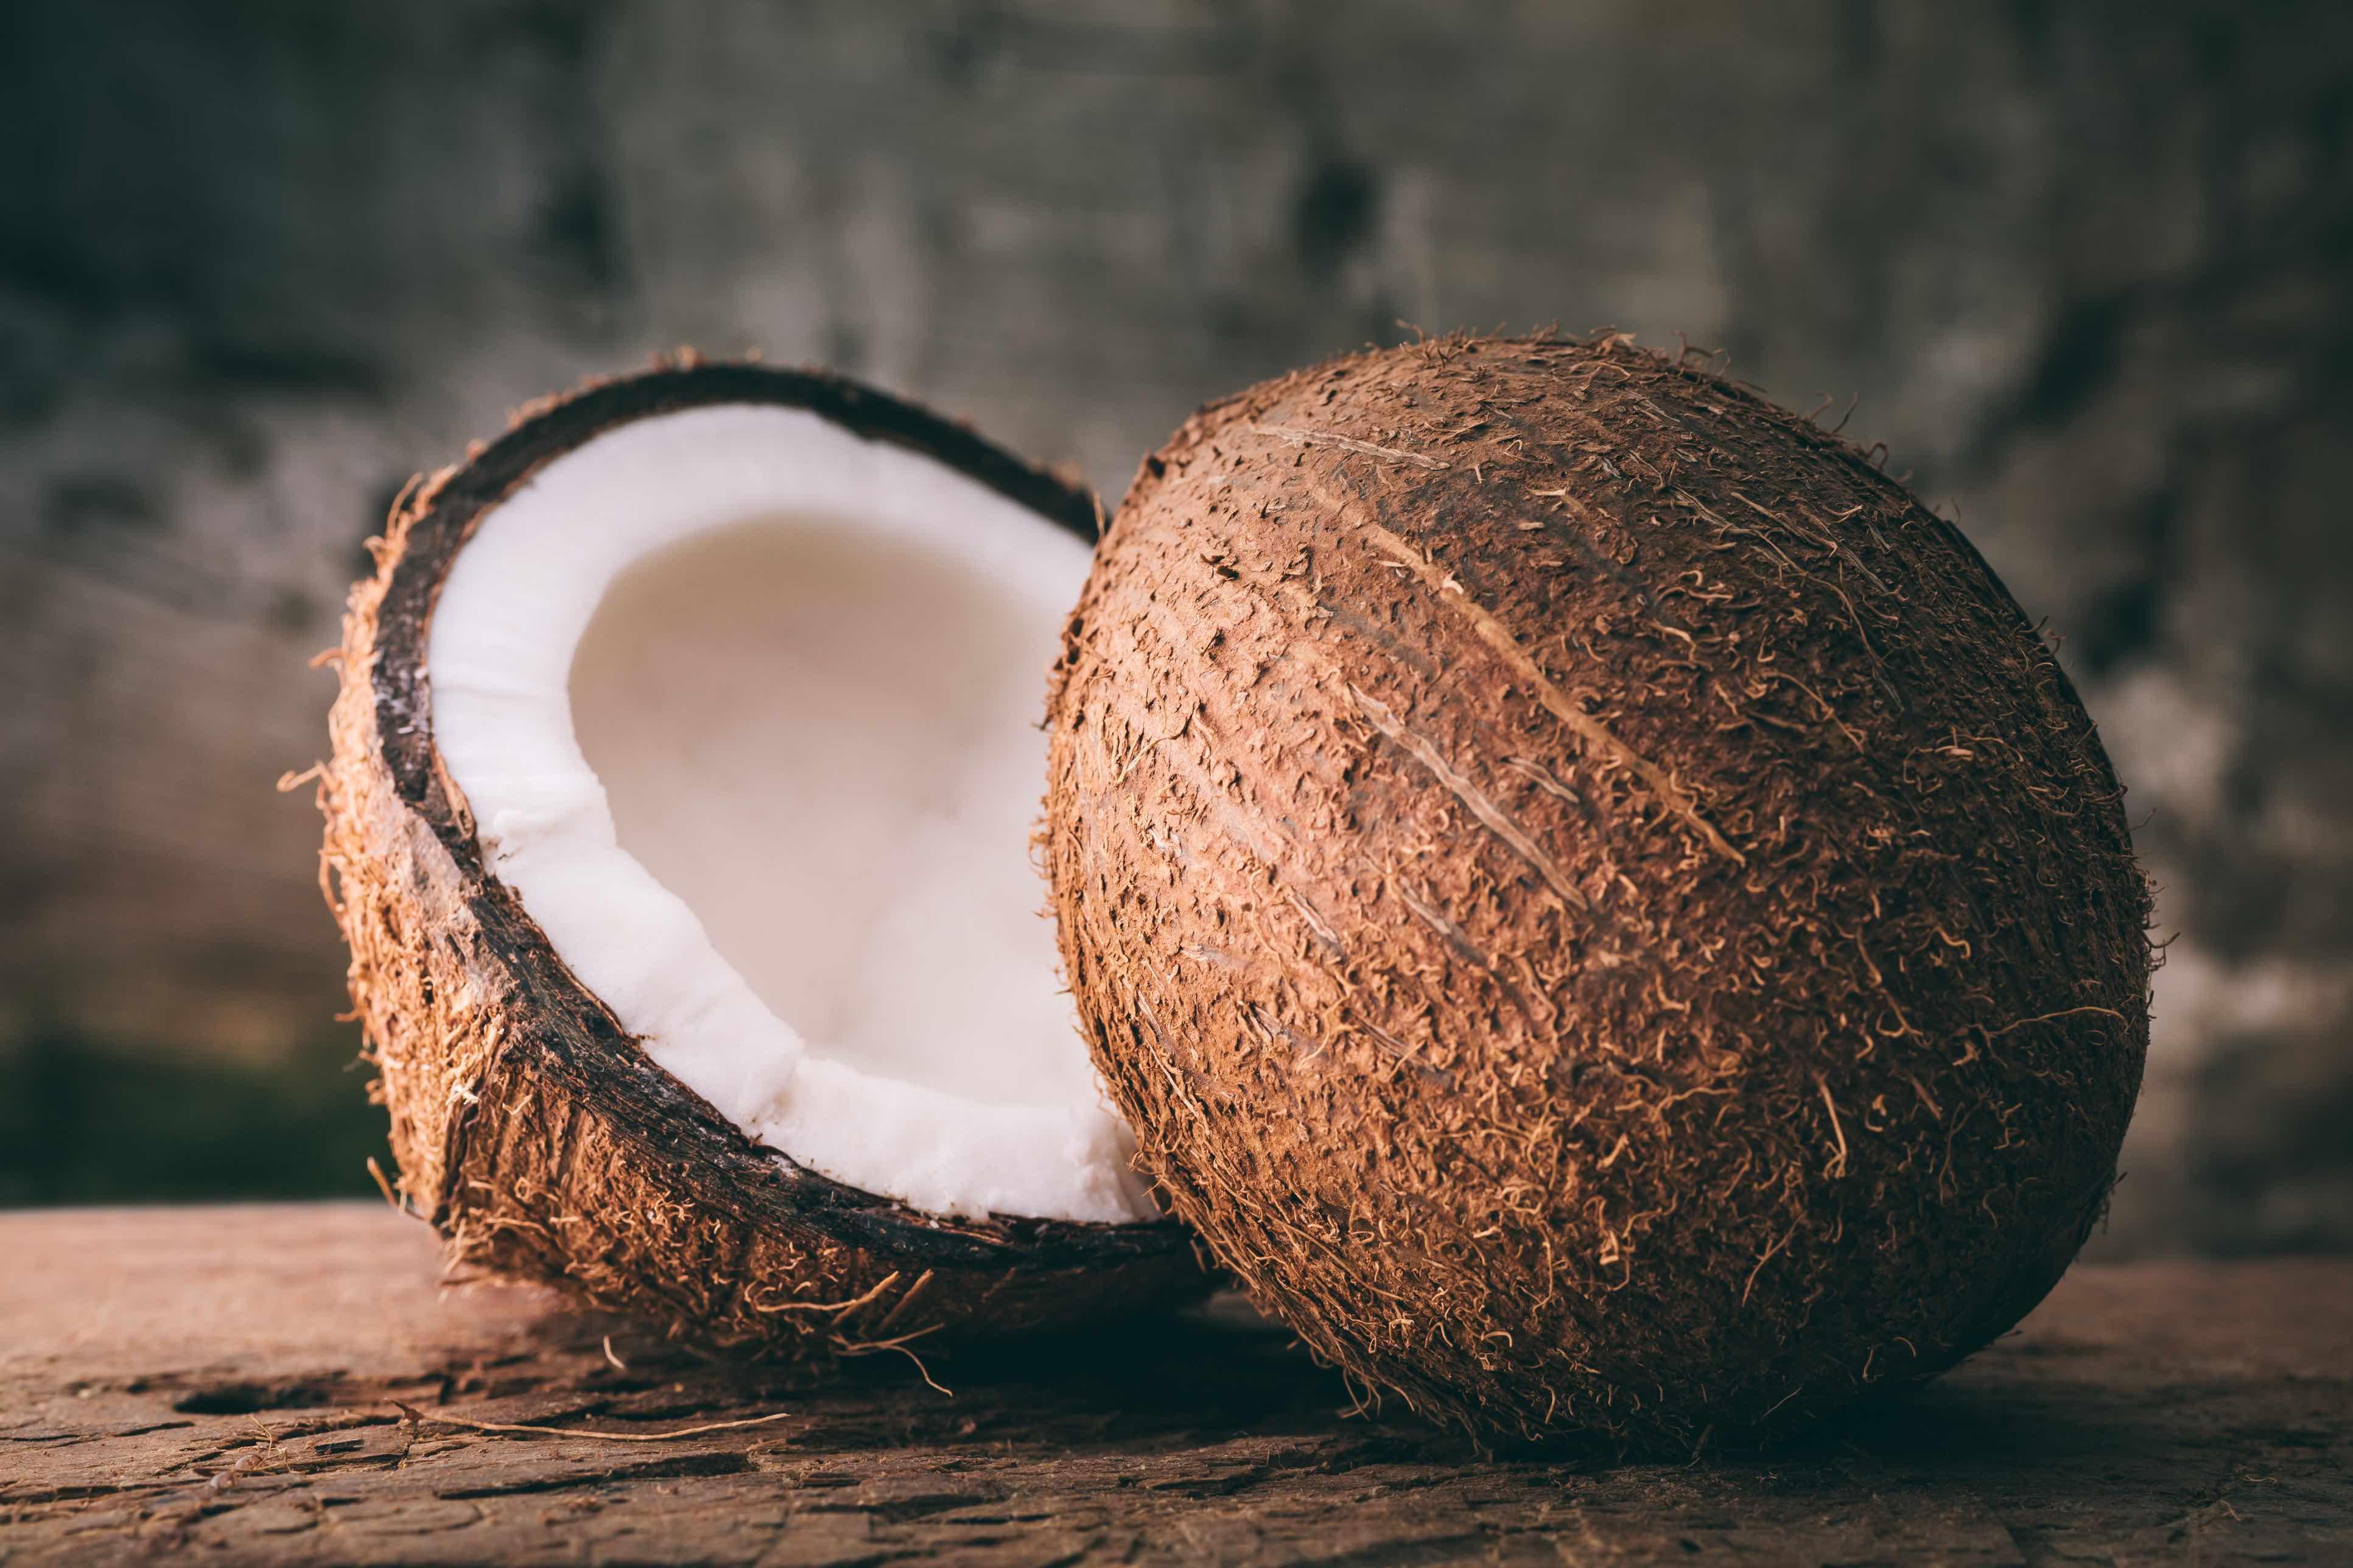 Geöffnete Kokosnuss.